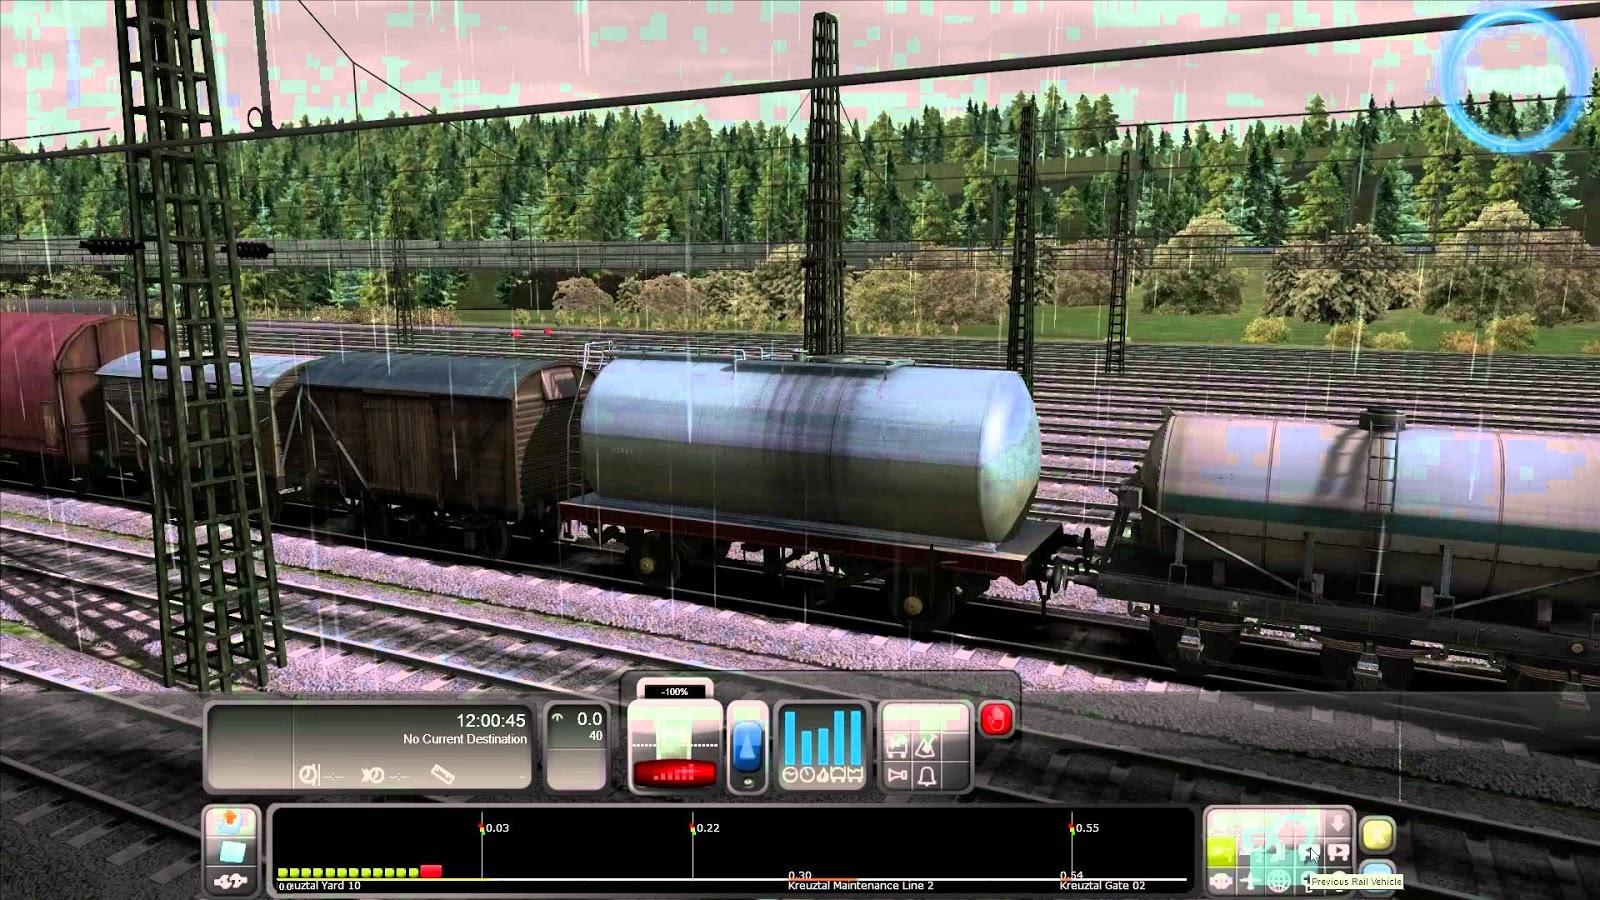 Full Free Game Download: Microsoft Train Simulator 2 Download Full Version Game